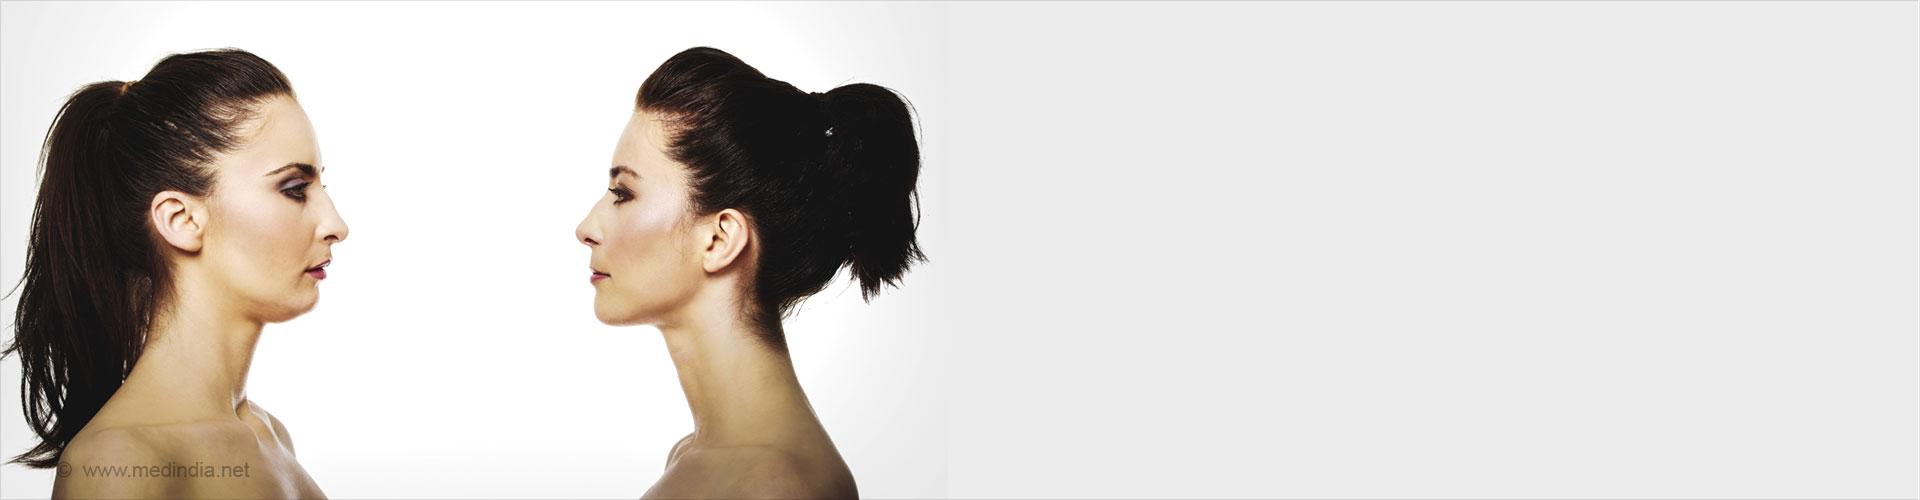 Top 5 Ways to Get Rid of Facial Fat